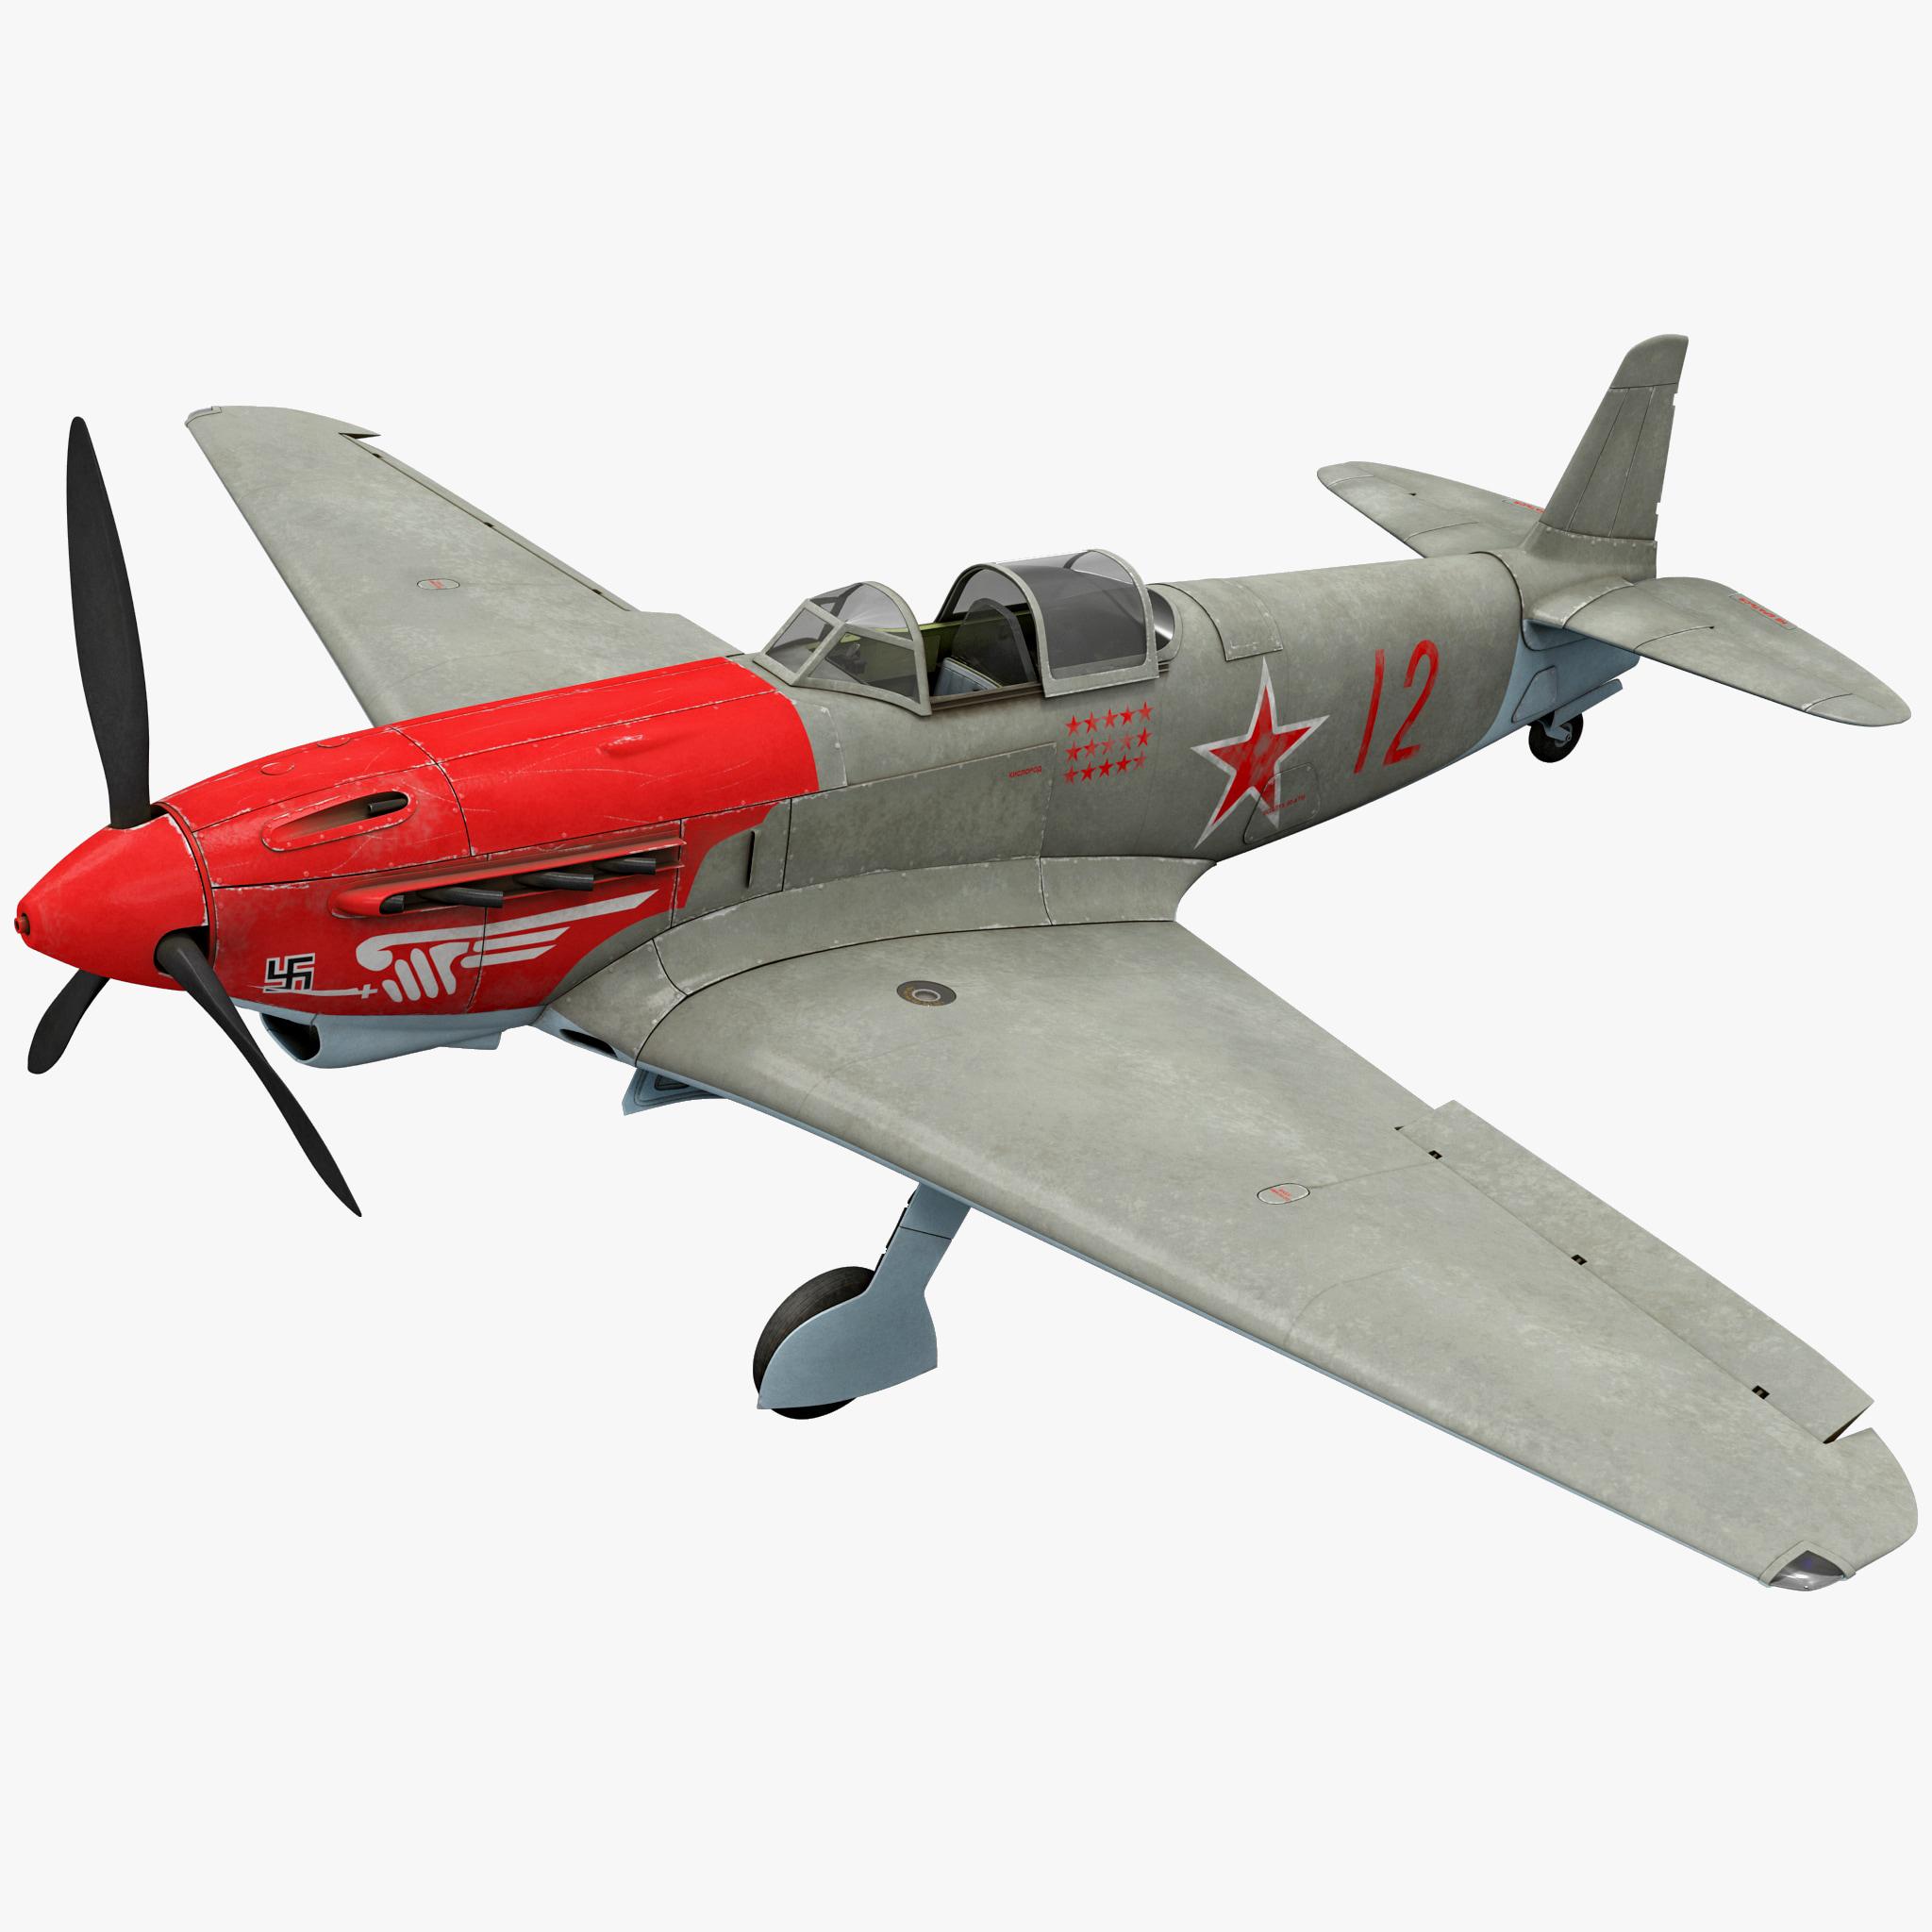 Yakovlev Yak-9 Soviet World War II Fighter Rigged_315.jpg